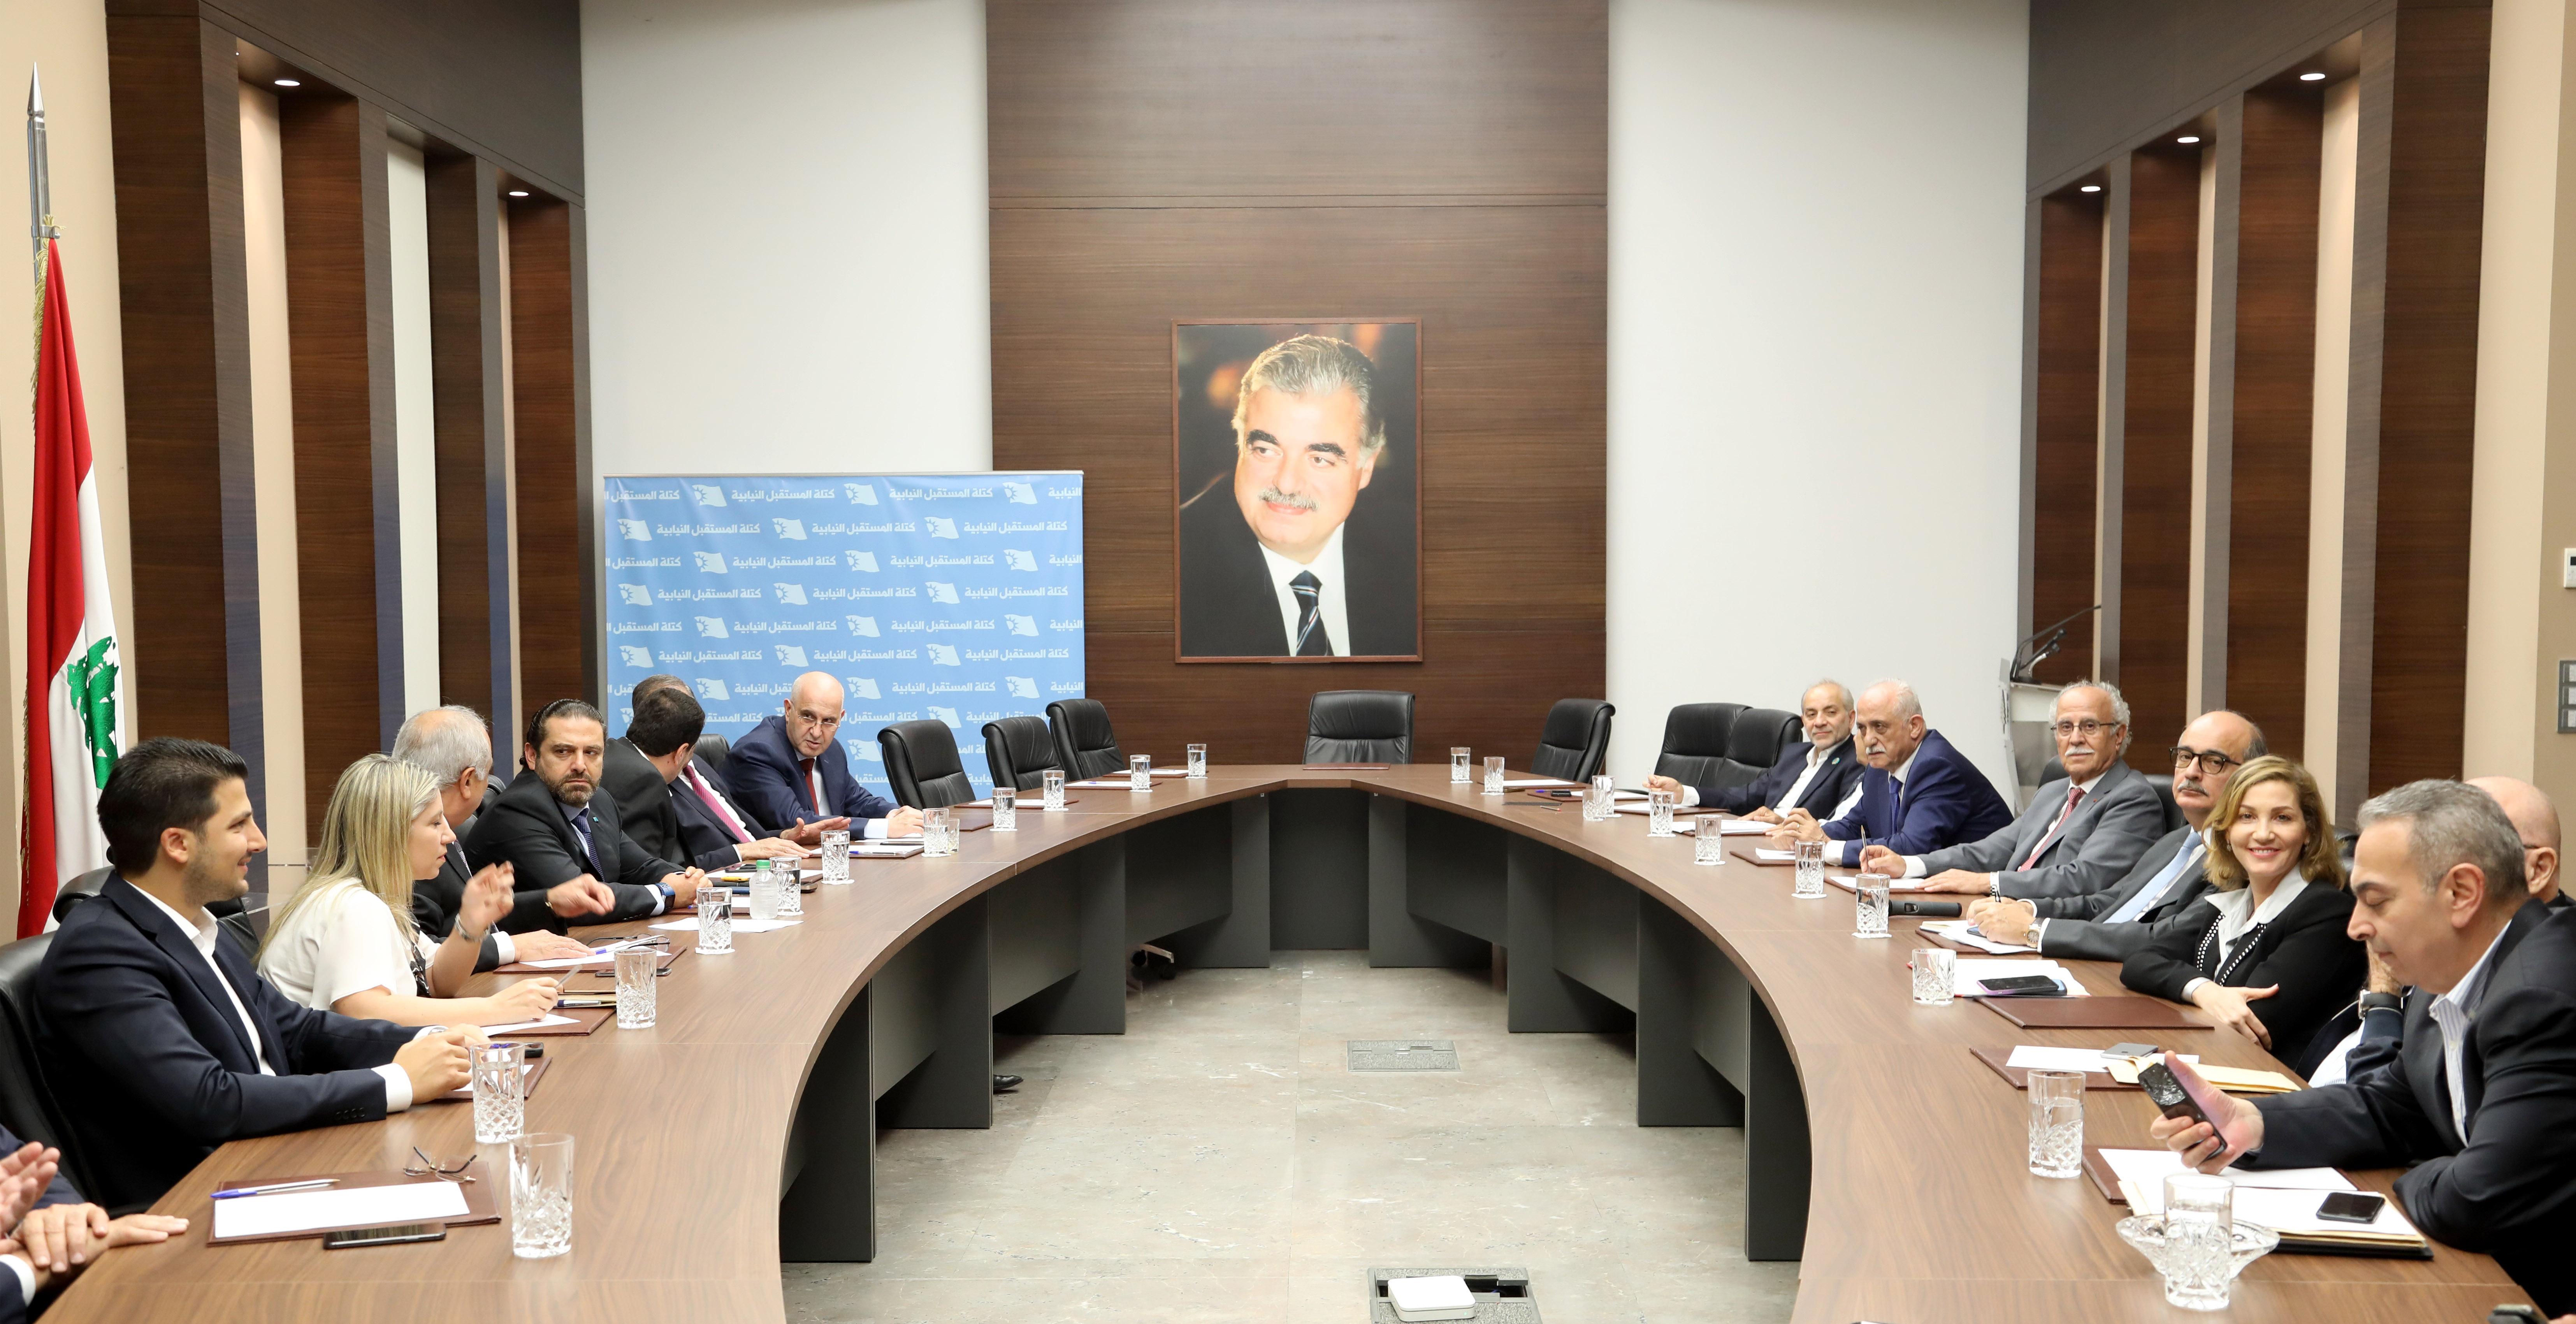 Pr Minister Saad Hariri Heading Almustabal MPs Bloc